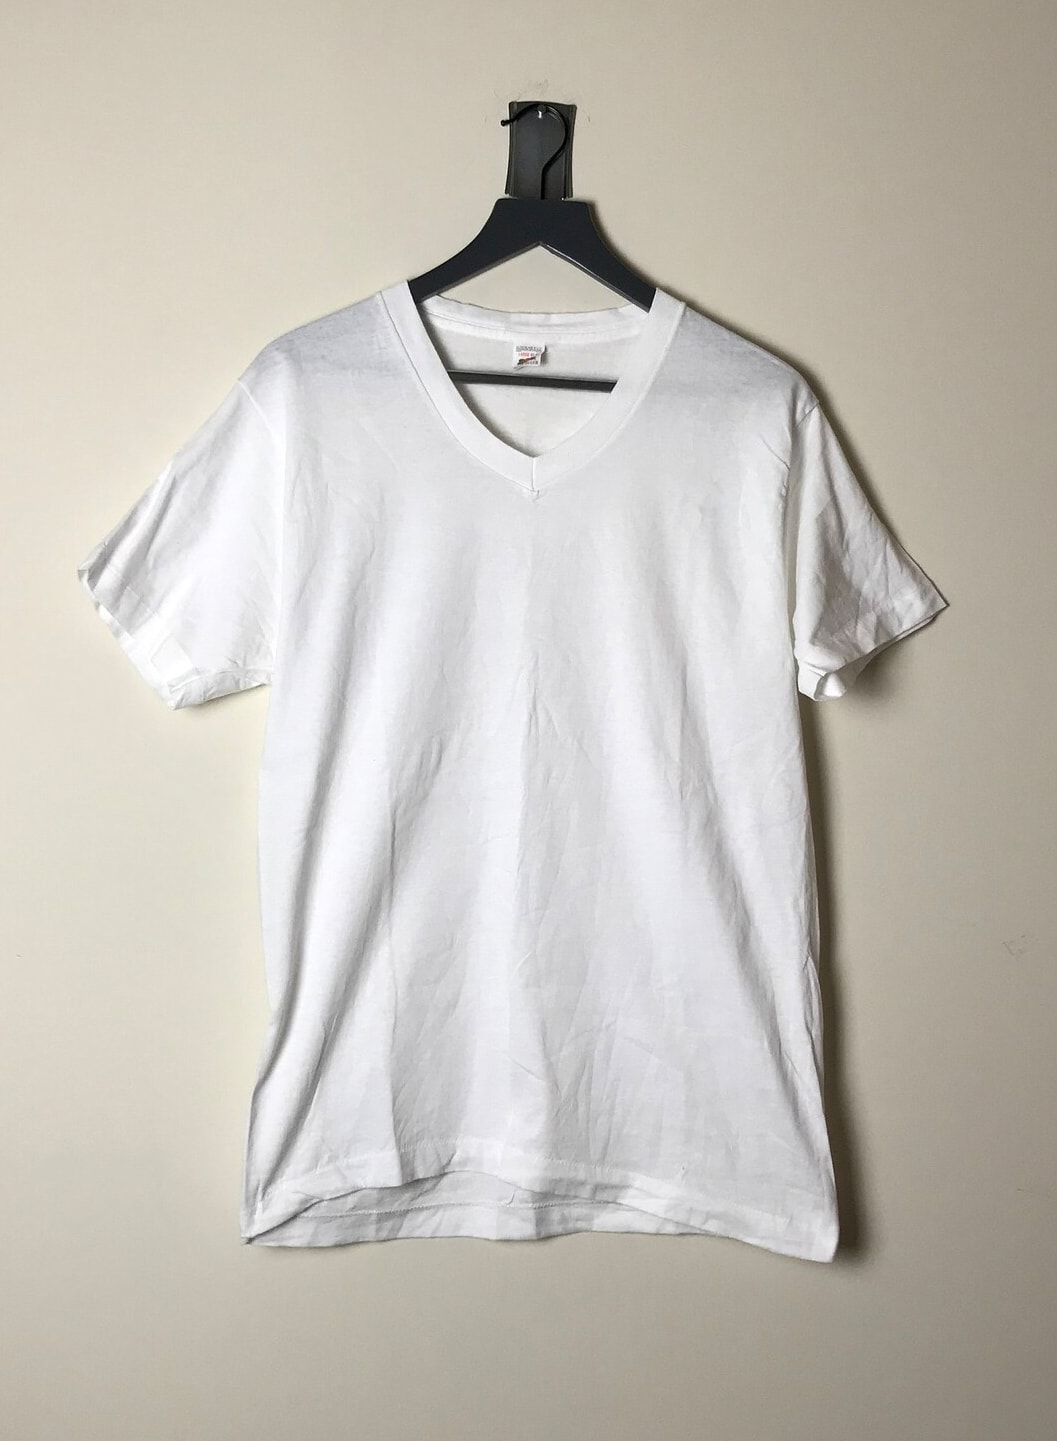 90s Simple Plain Hanes V-neck T-shirt in White - L